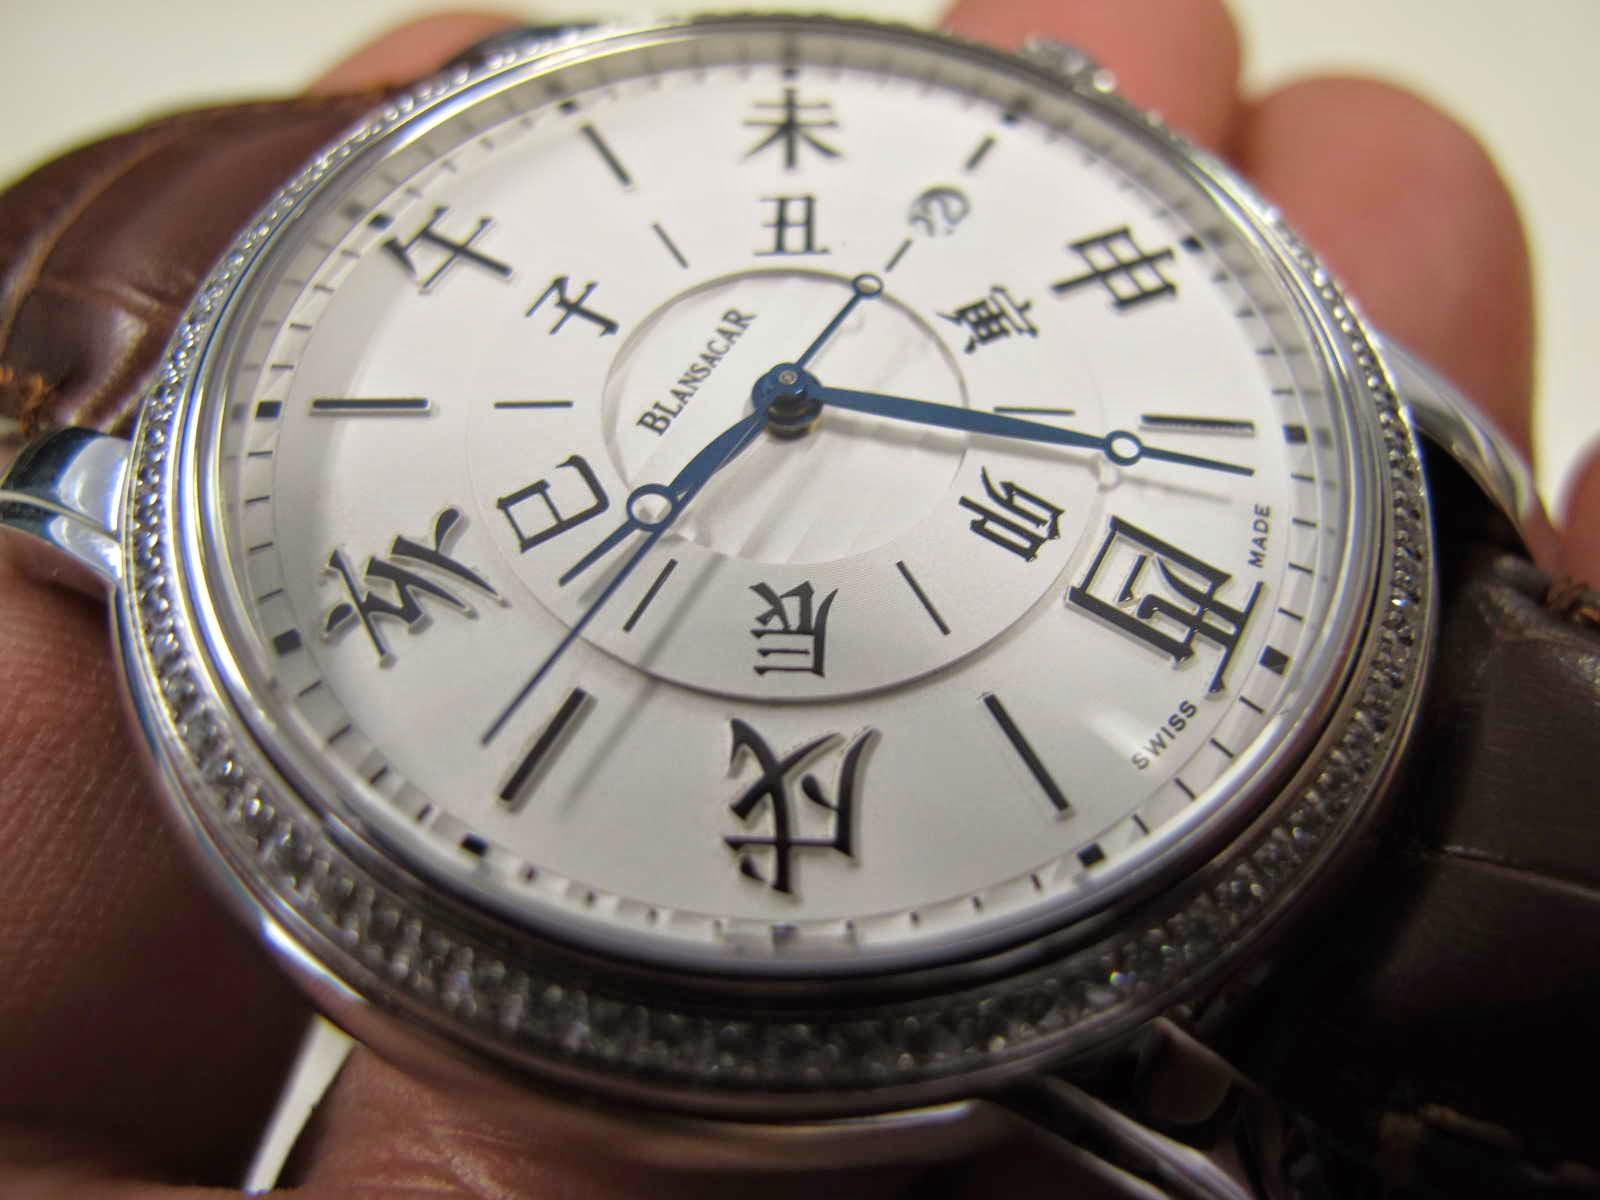 Cocok untuk Anda yang sedang mencari jam tangan dengan dial unik Chinese Hoki Dial dengan brand BLANSACAR Swiss Made